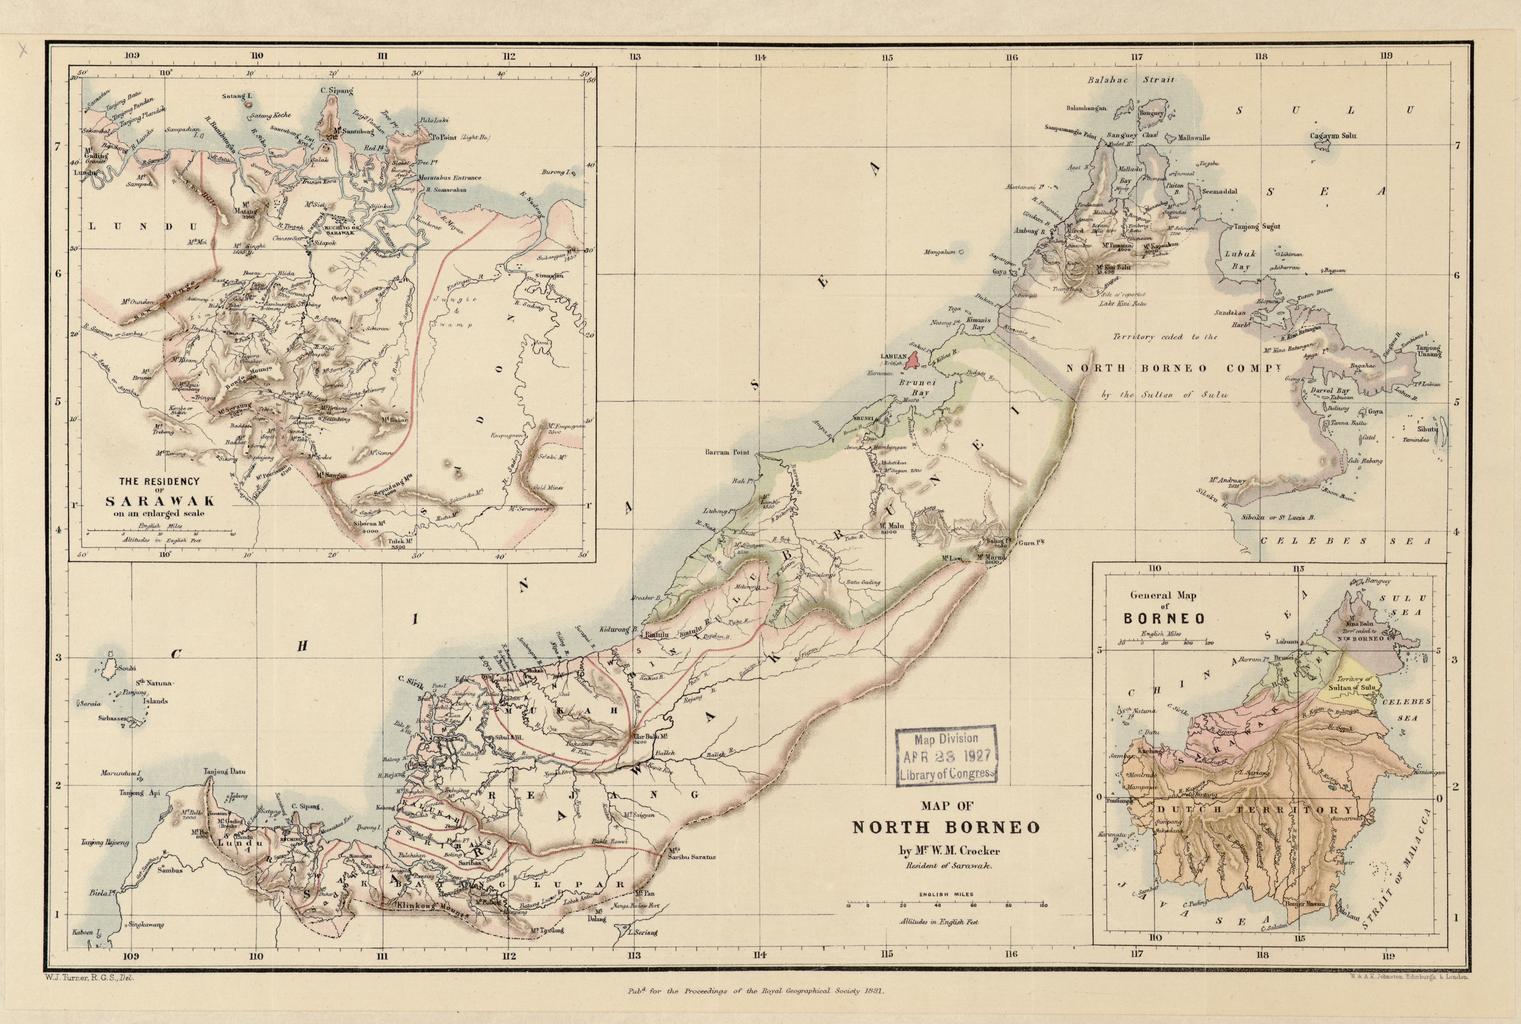 Carte du Nord de l'île de Bornéo en 1881. A l'époque, le Royaume de Sarawak (à l'Ouest) ne connaît pas encore son expansion maximale.